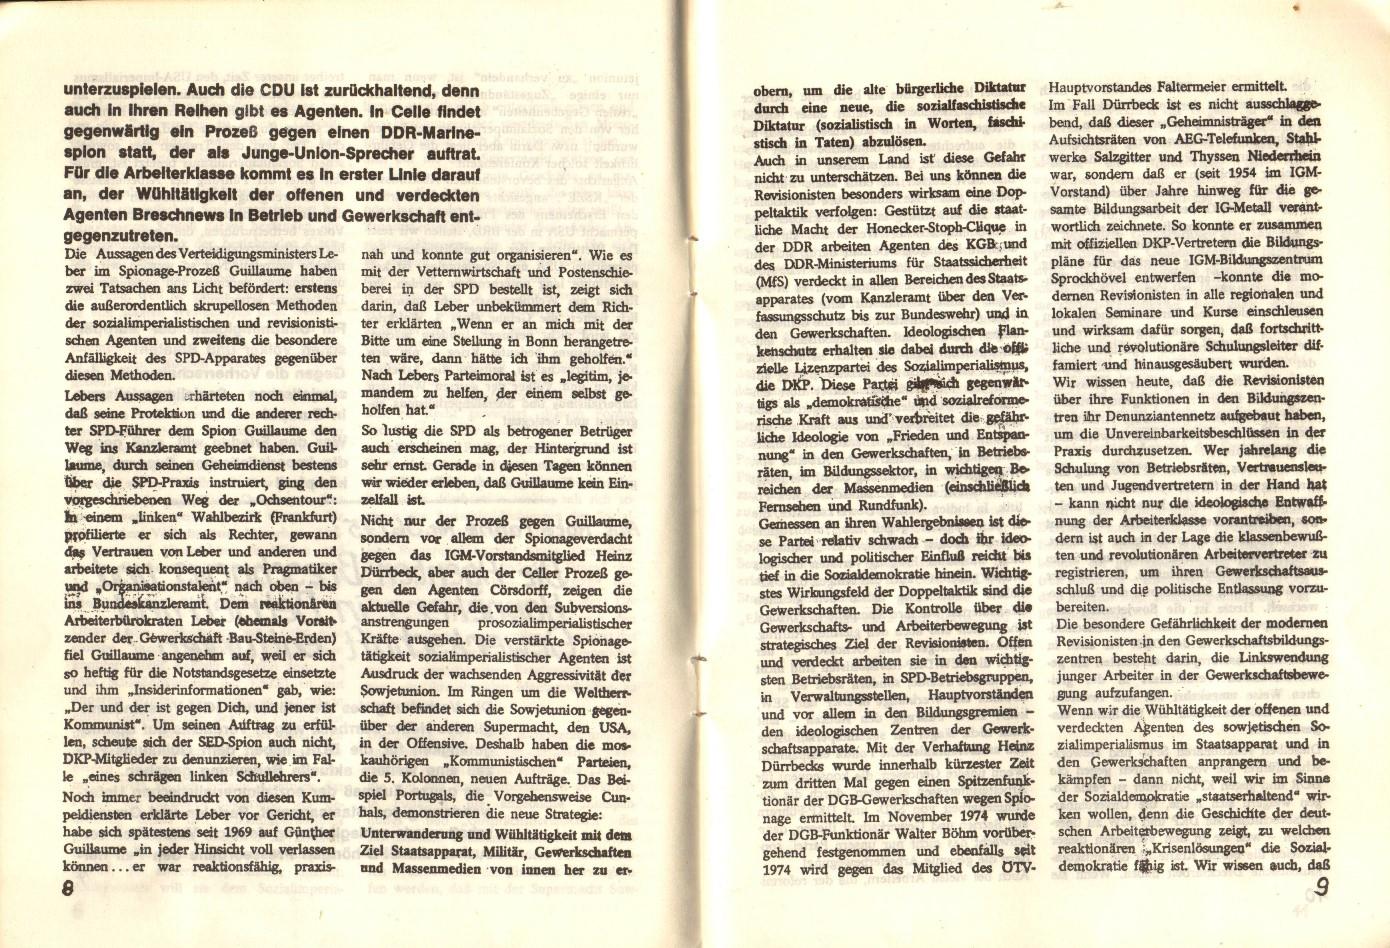 NRW_AO_1975_UZ_Sprachrohr_der_Kremlzaren_07